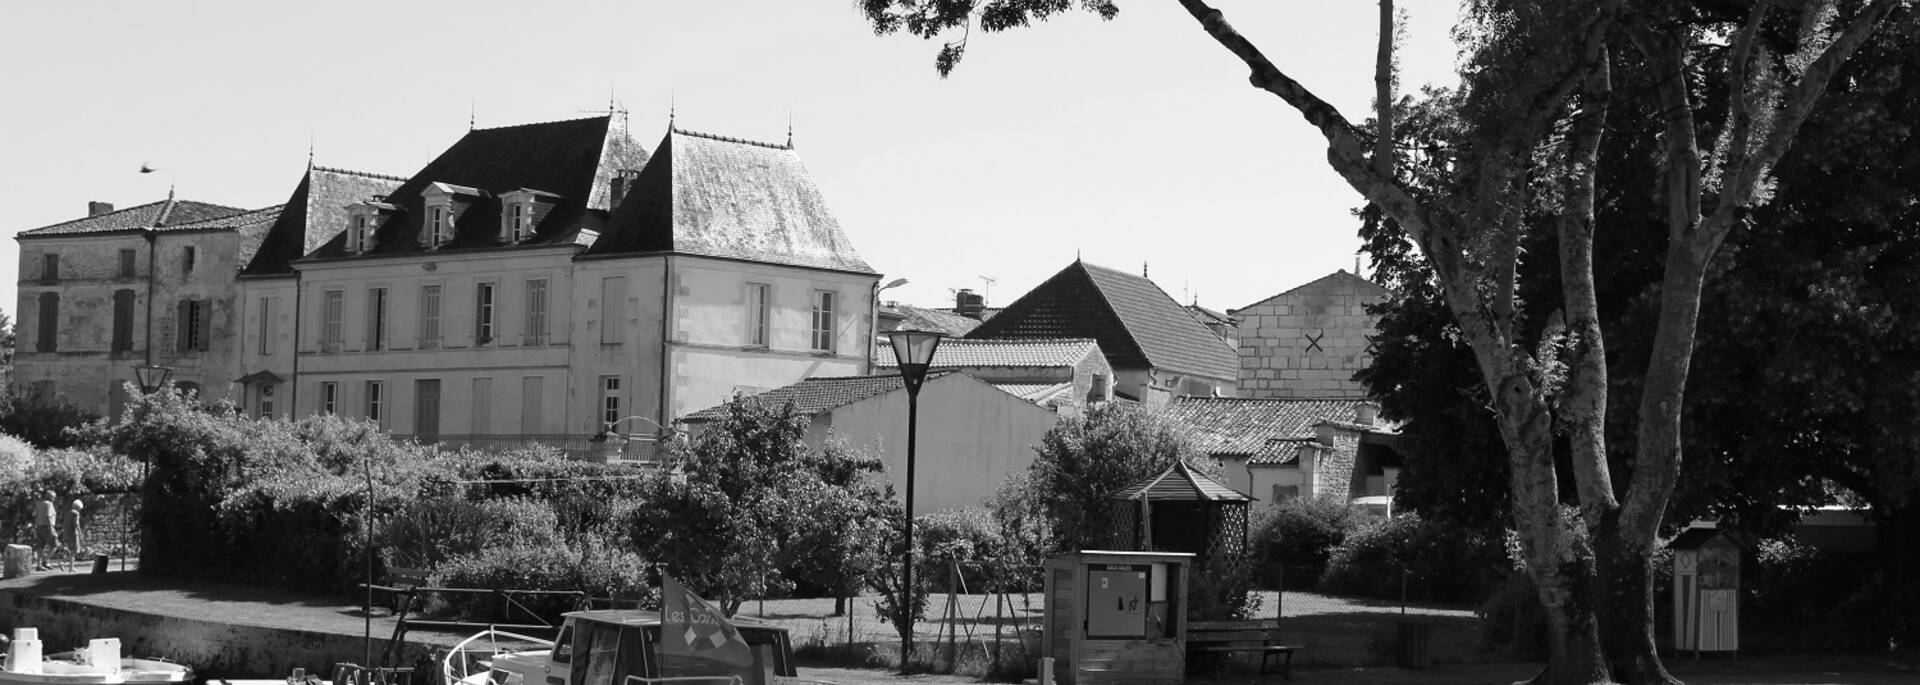 Village de Port d'Envaux - © P.Migaud / FDHPA17